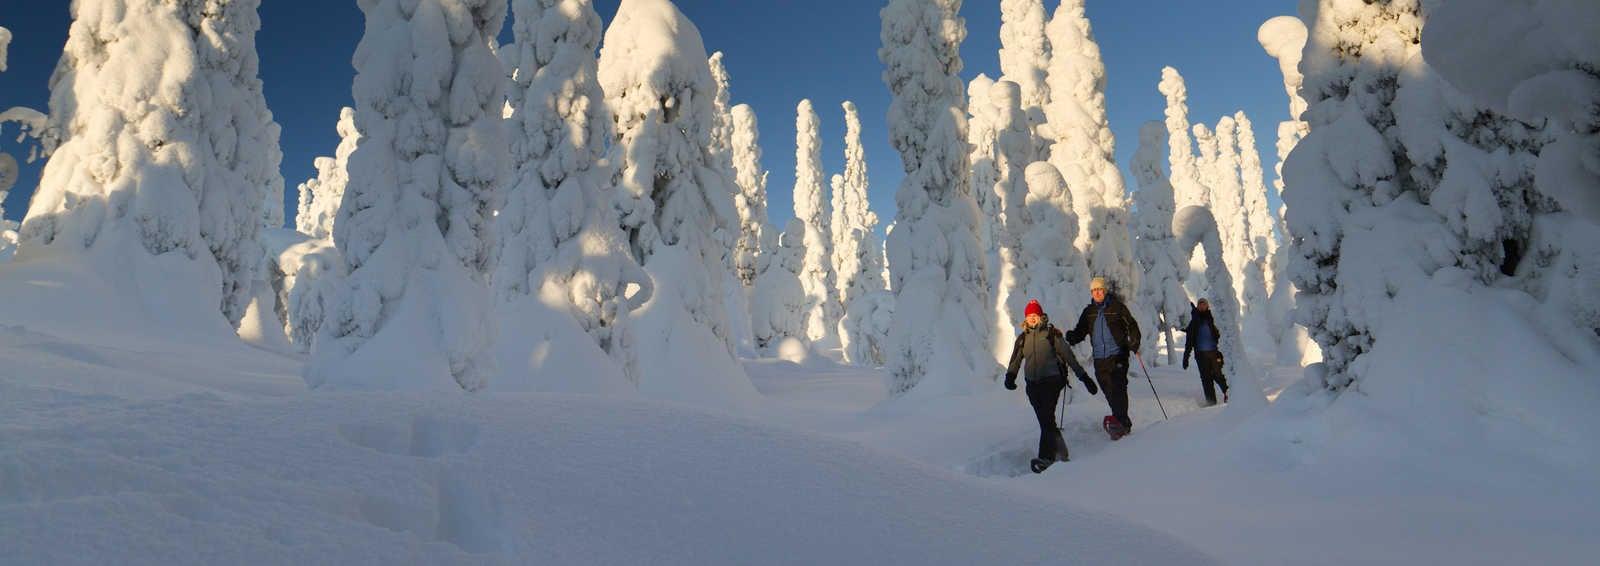 Snowshoeing in Riisitunturi National Park (photo by Erkki Ollila).